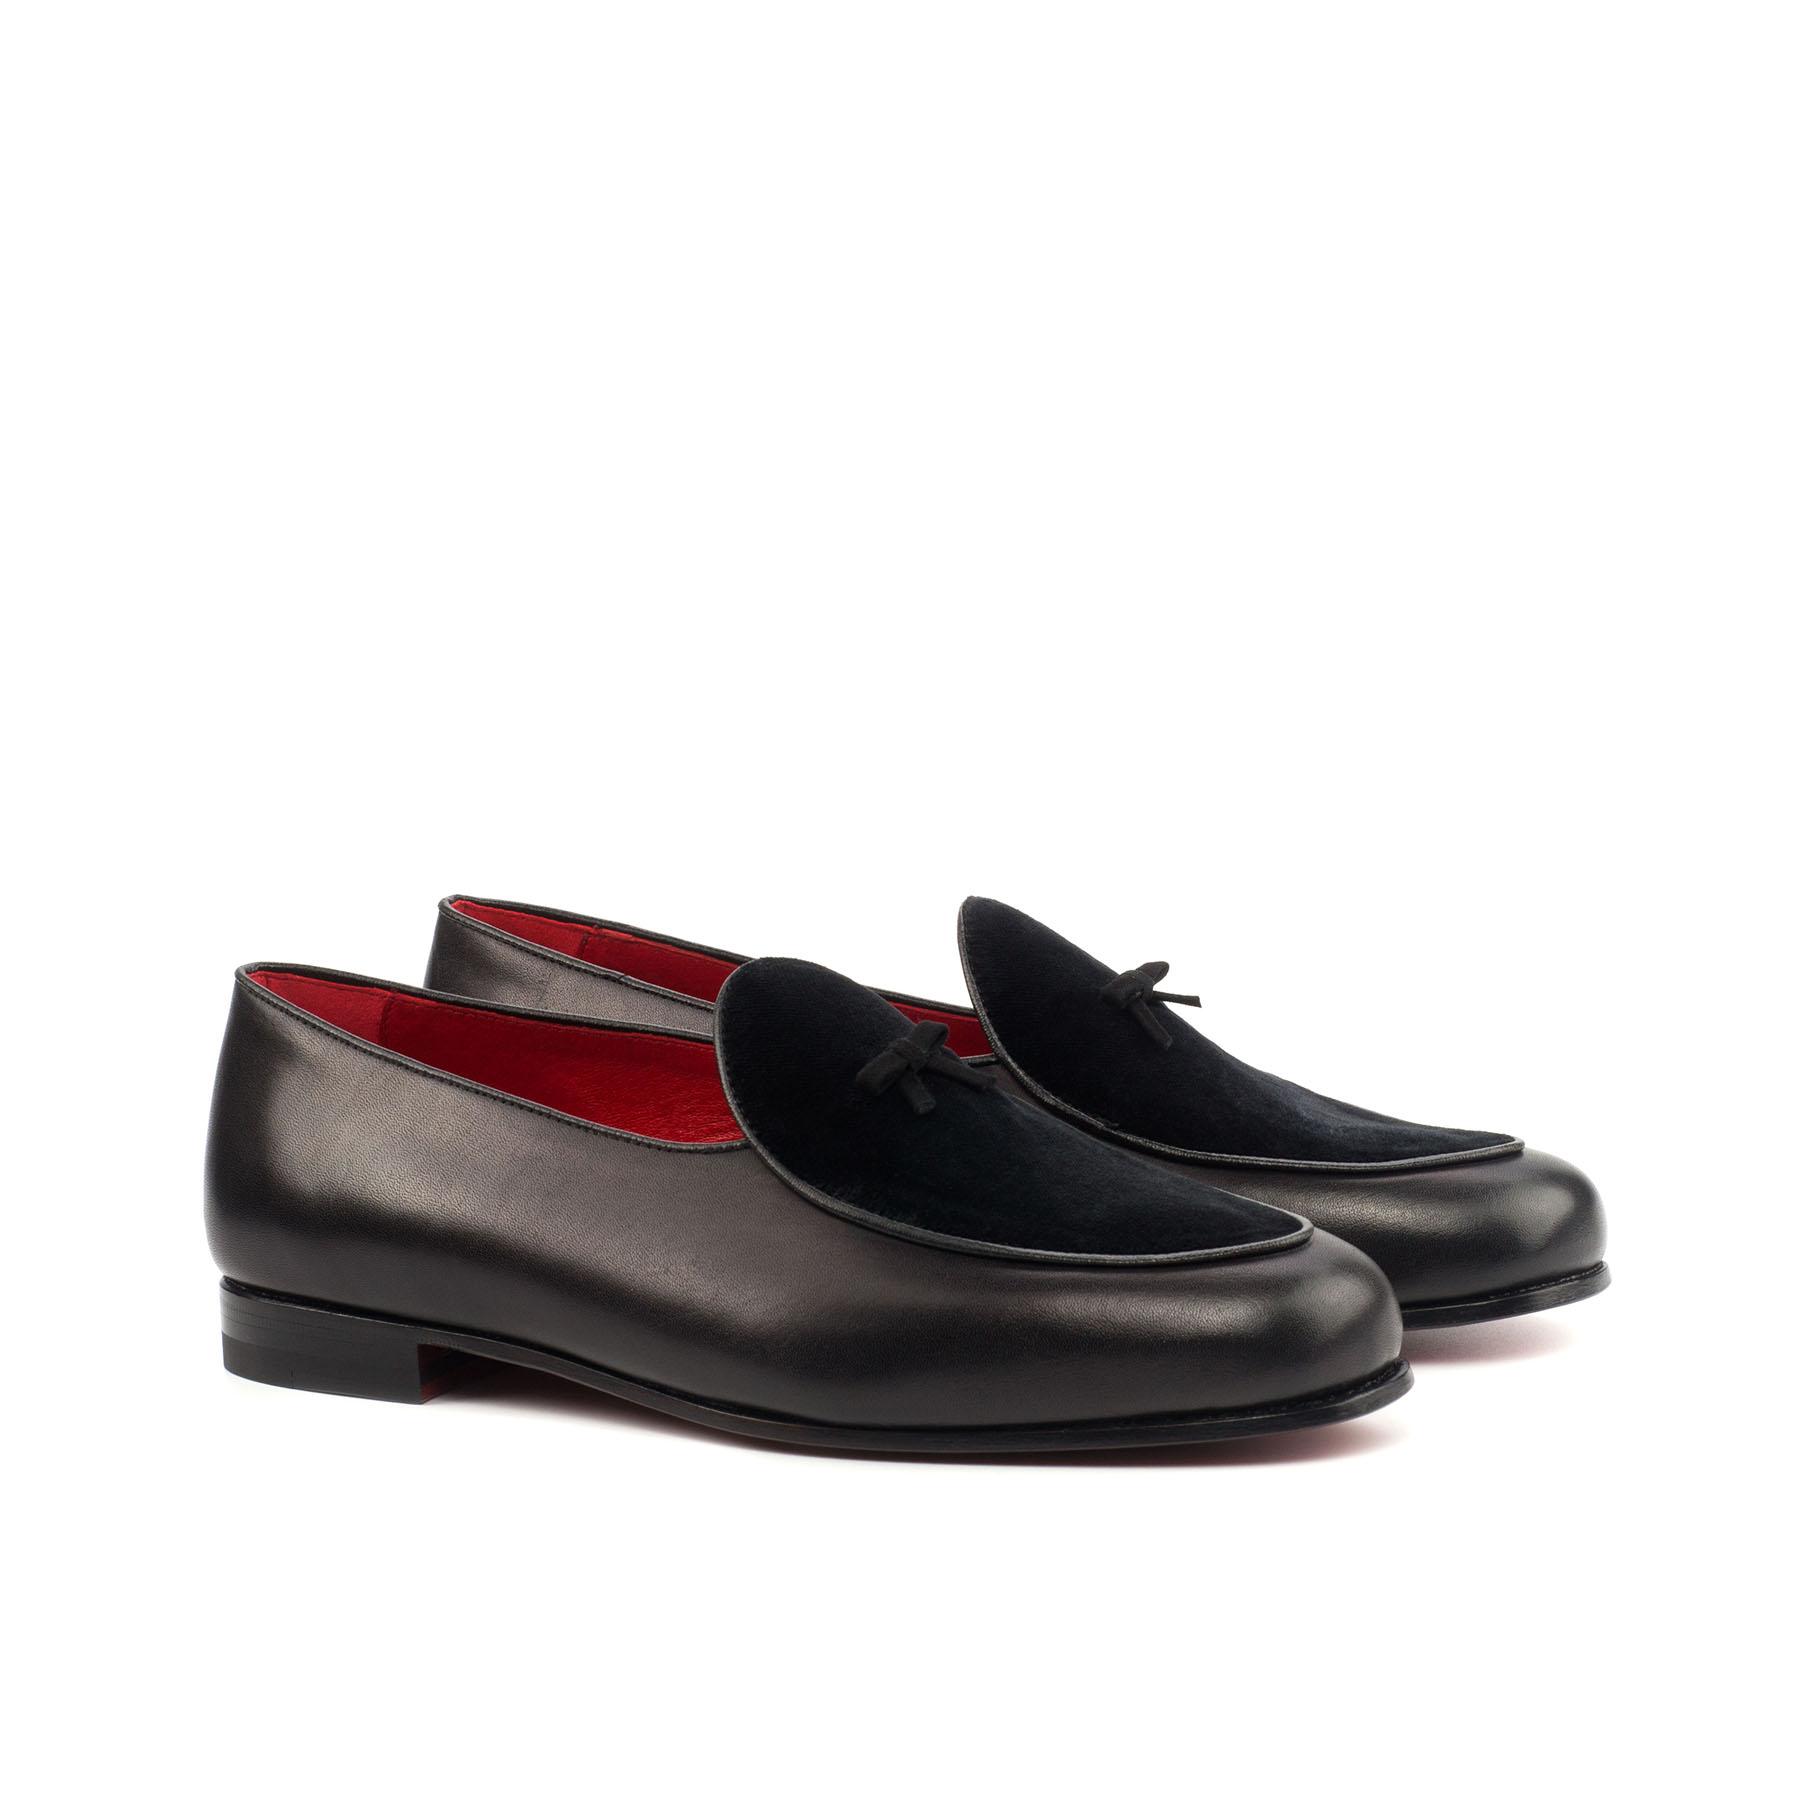 Black Leather & Velvet Loafer